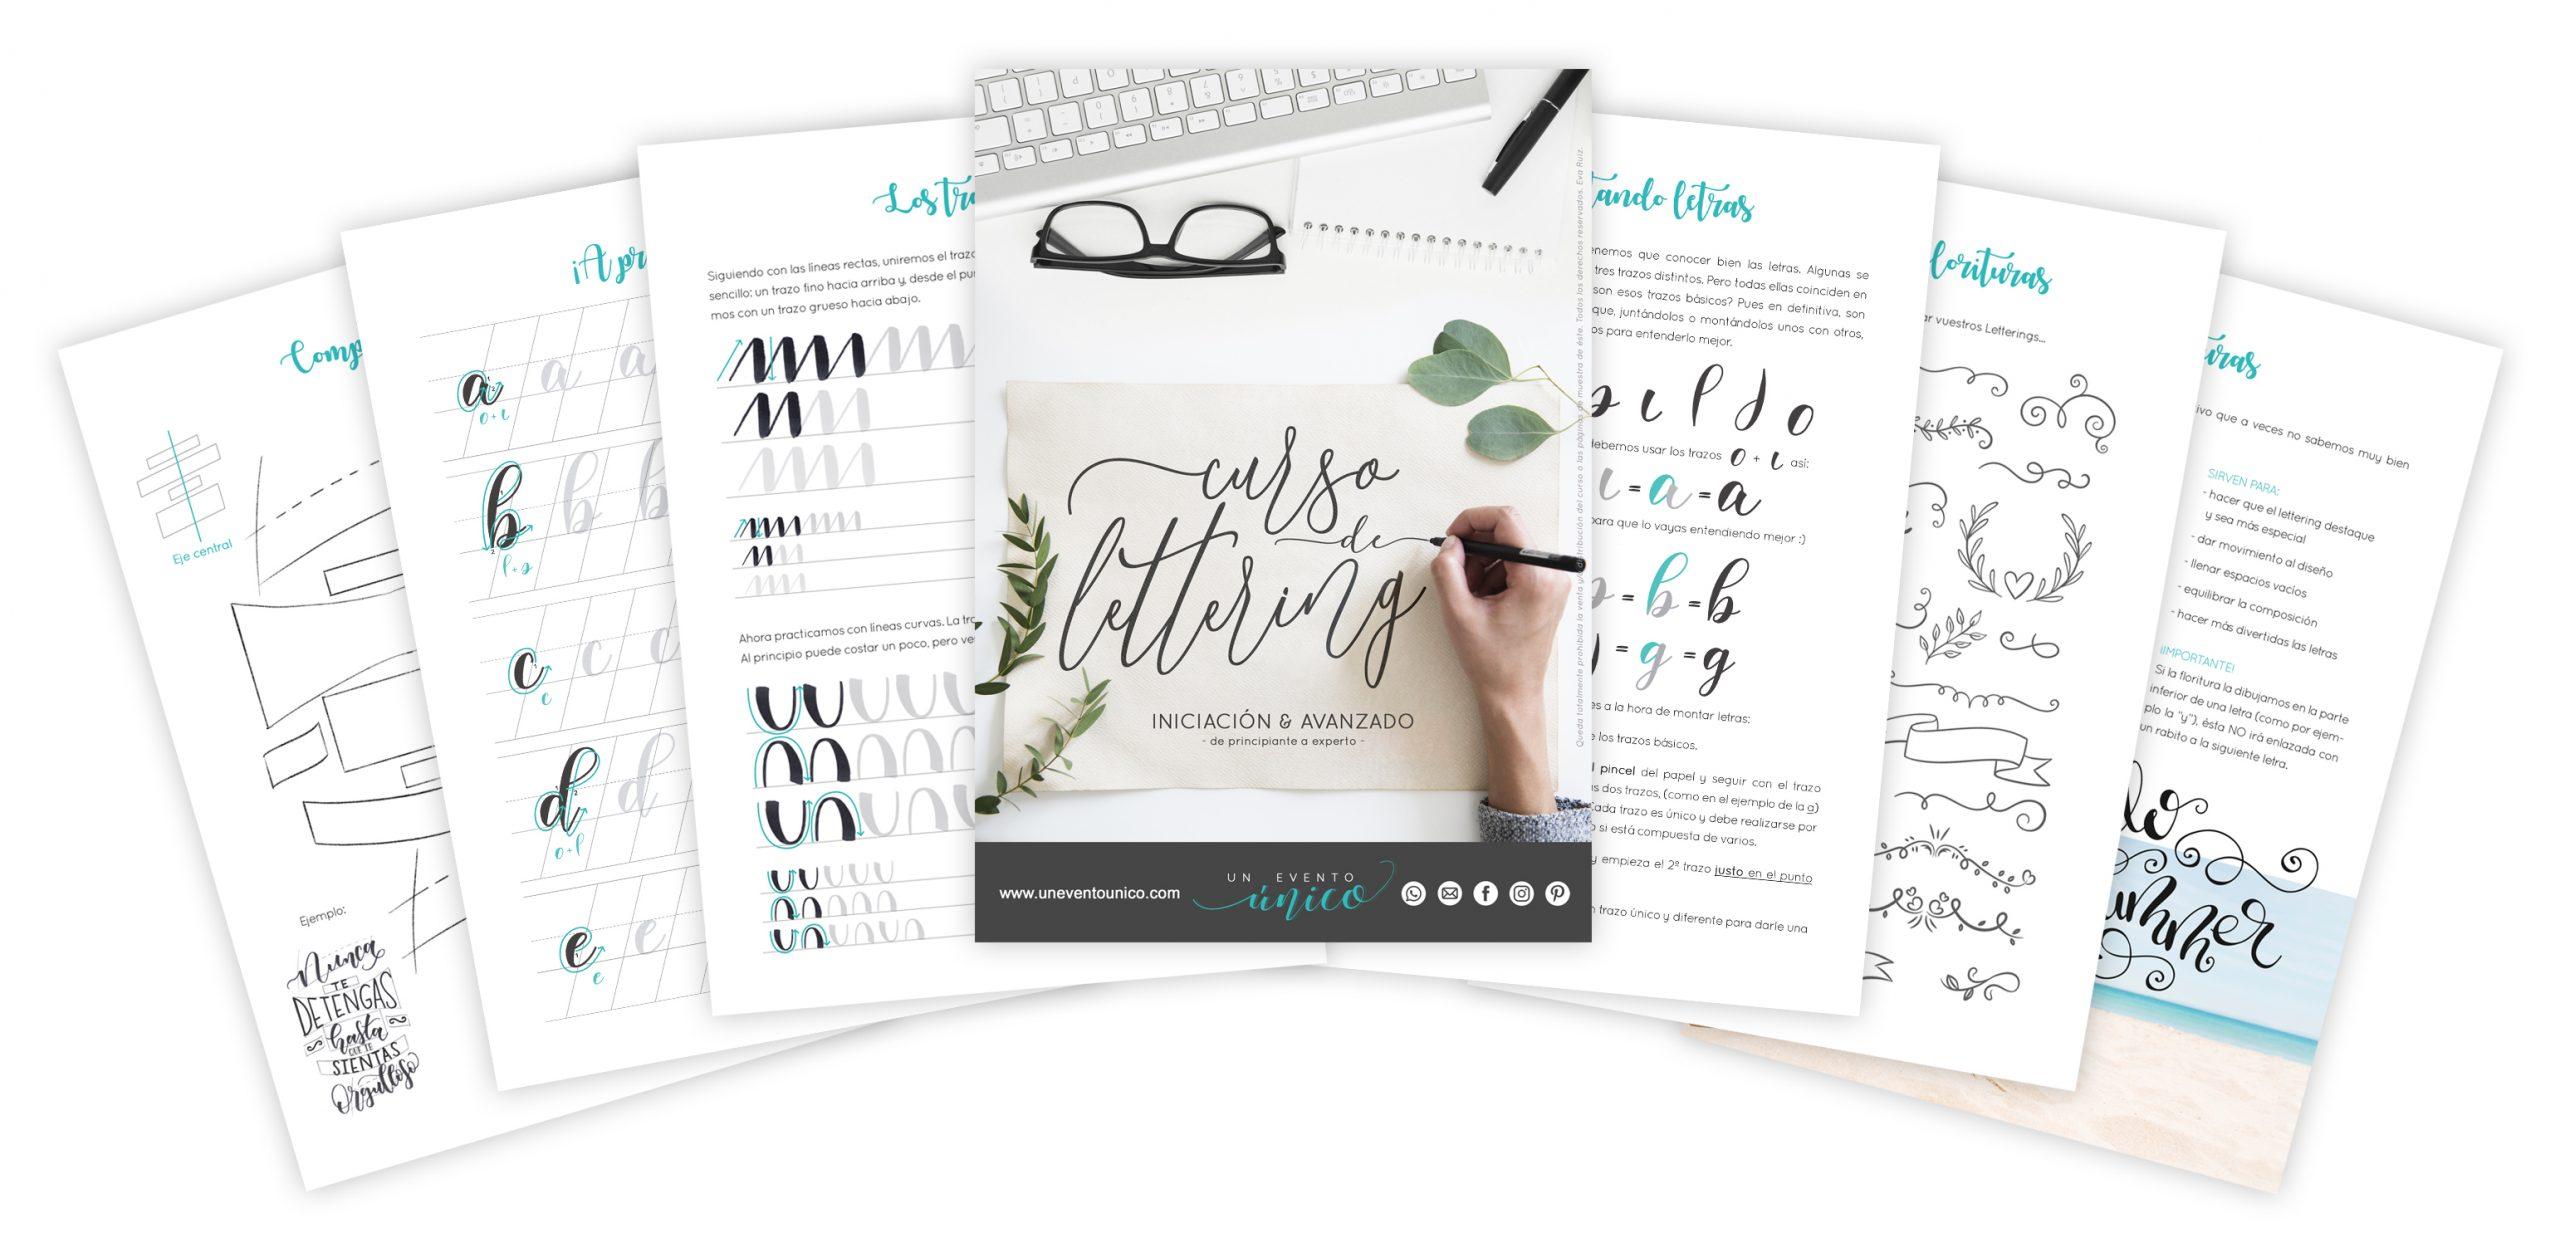 Curso online de Lettering collage